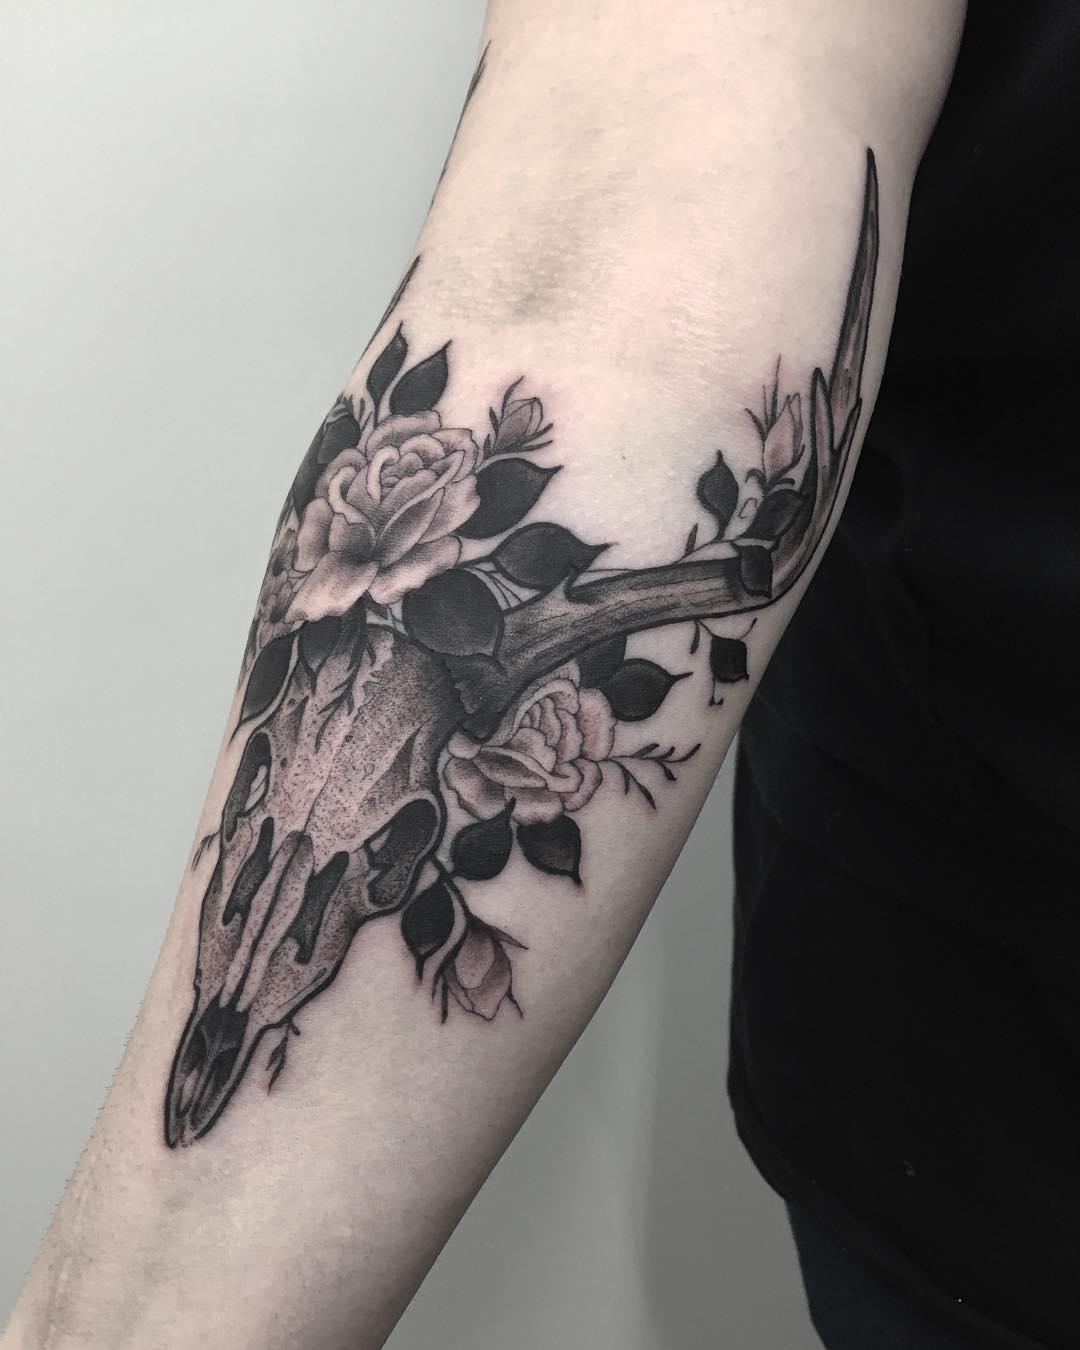 深圳纹彩刺青 纹身图案大全  时间:2019-03-12 14:52